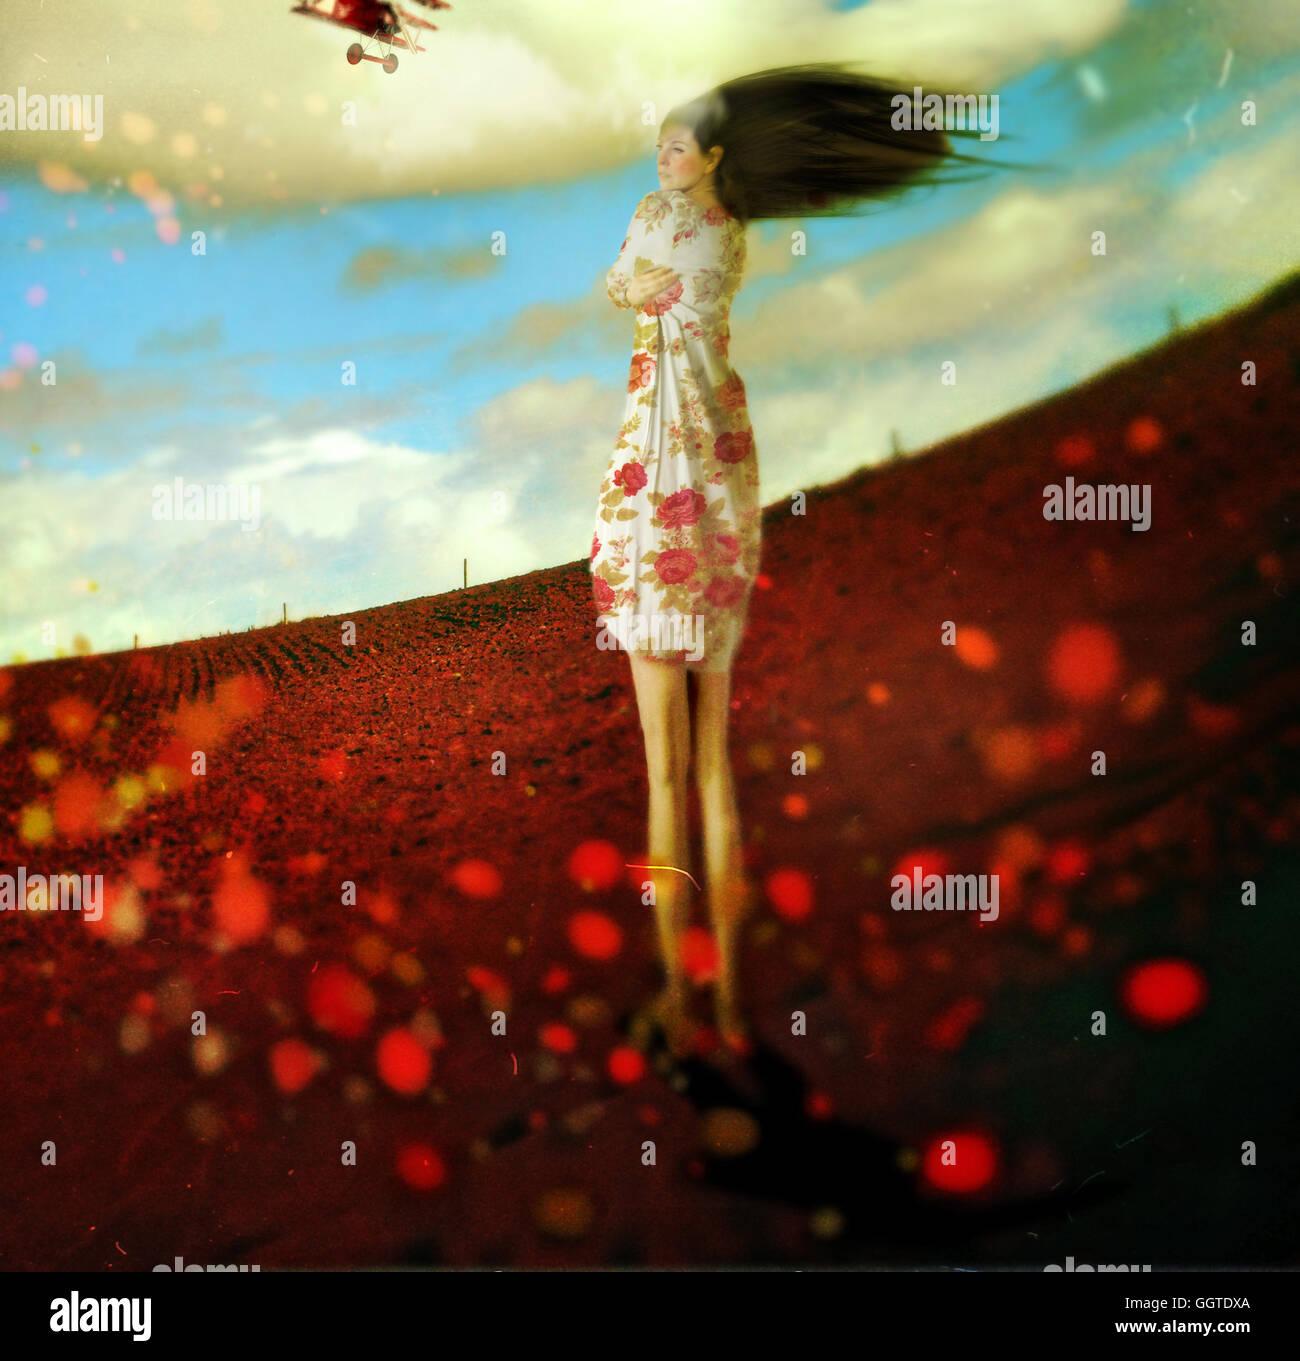 Jeune femme debout dans champ de coquelicots holding elle-même à distance en Photo Stock